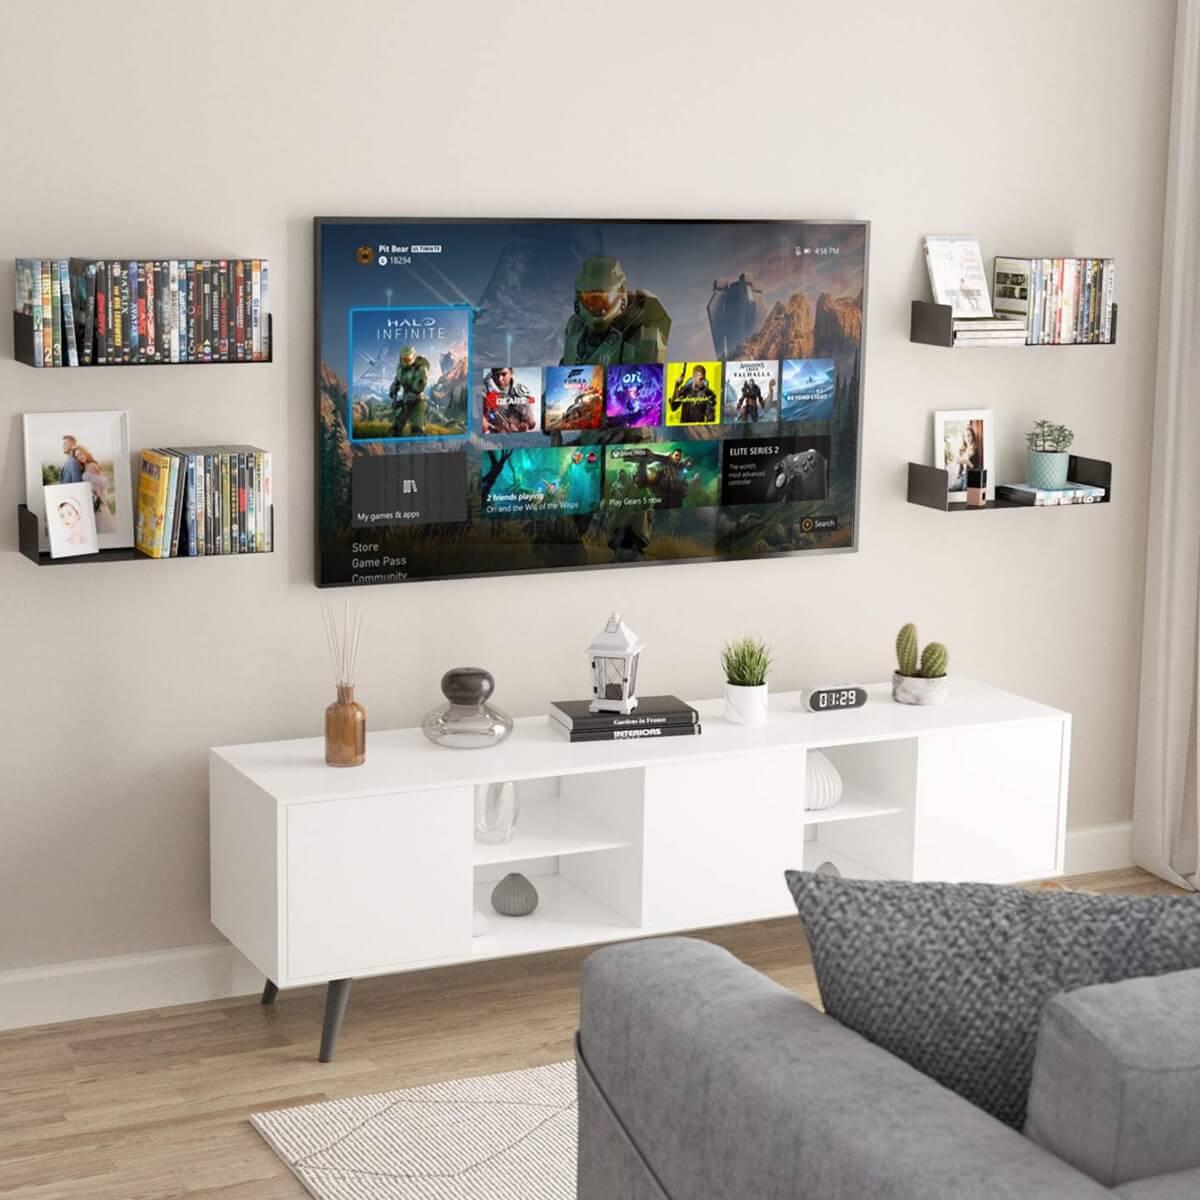 Video Game Storage & Gaming Shelves